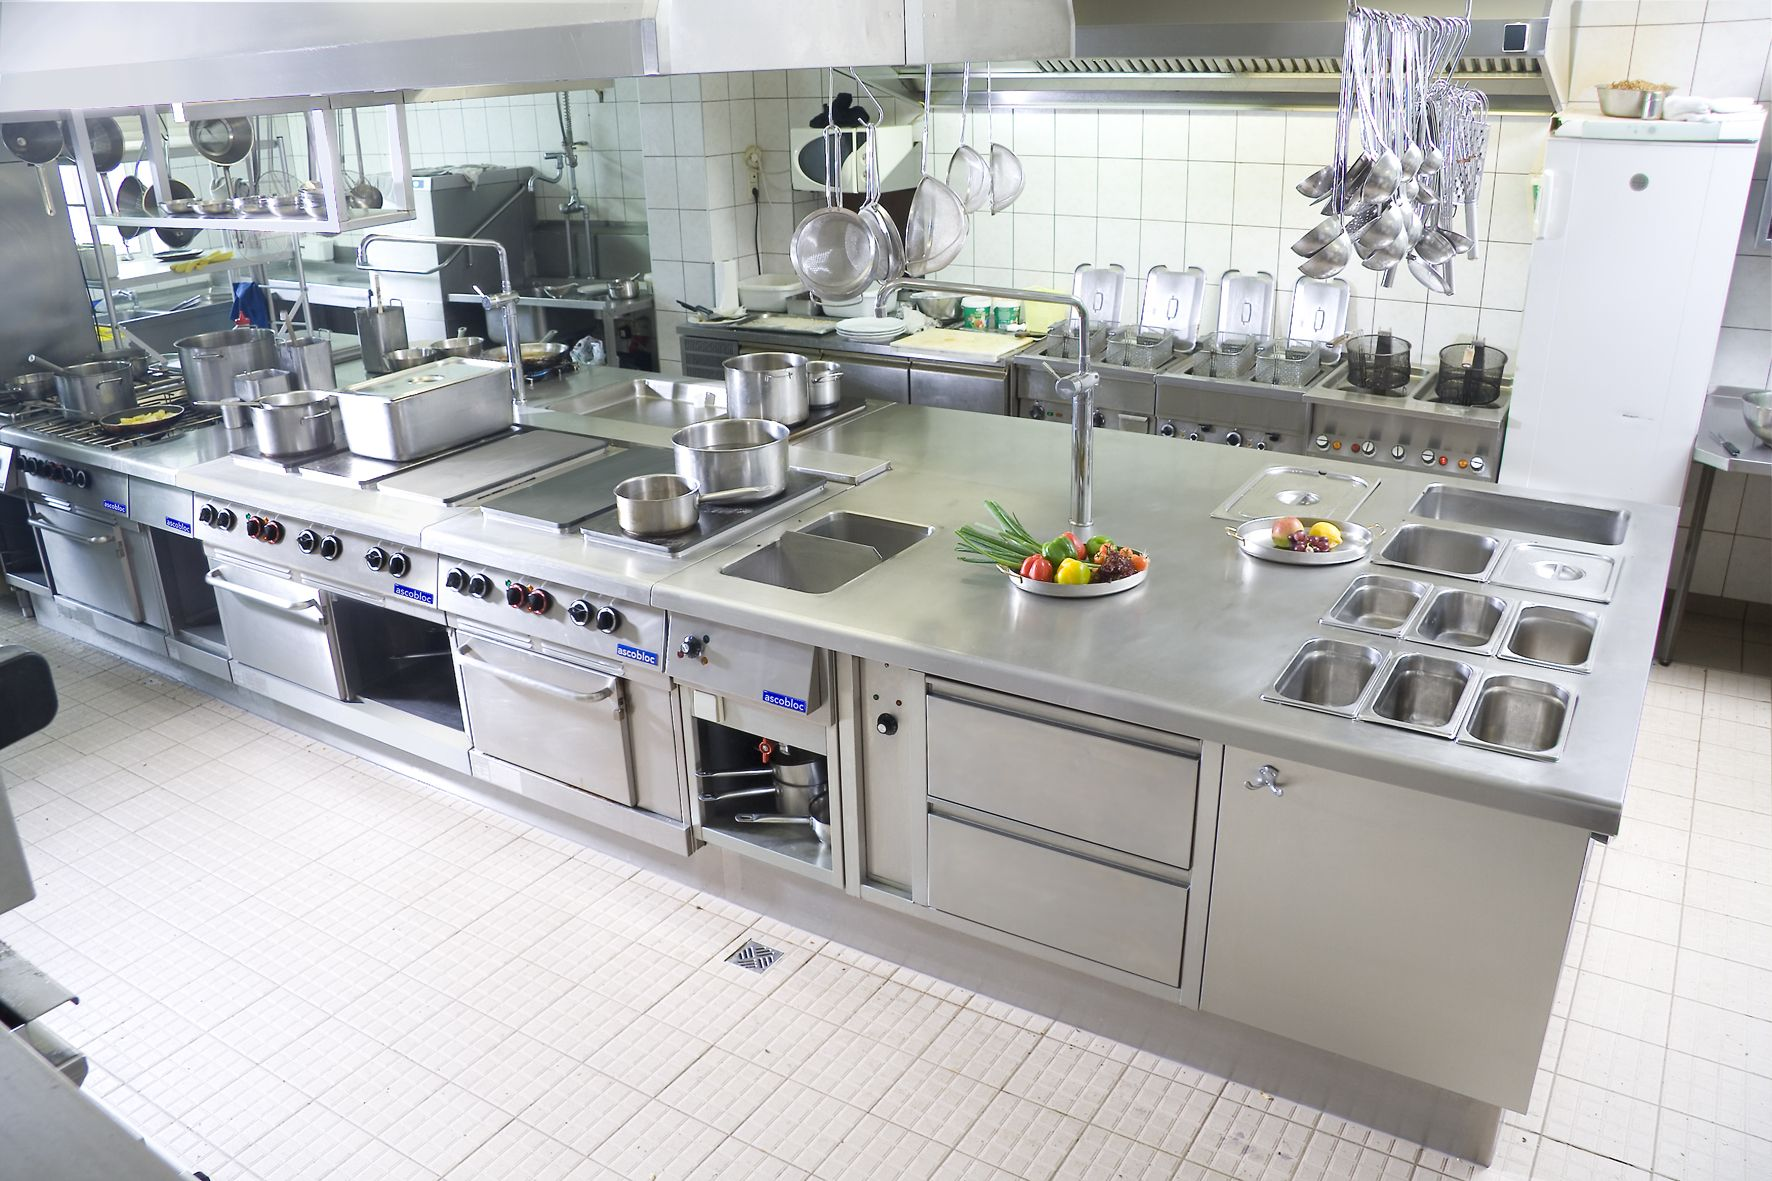 Gastronomie kuche raimund zur guten kuche pinterest for Gastro küche